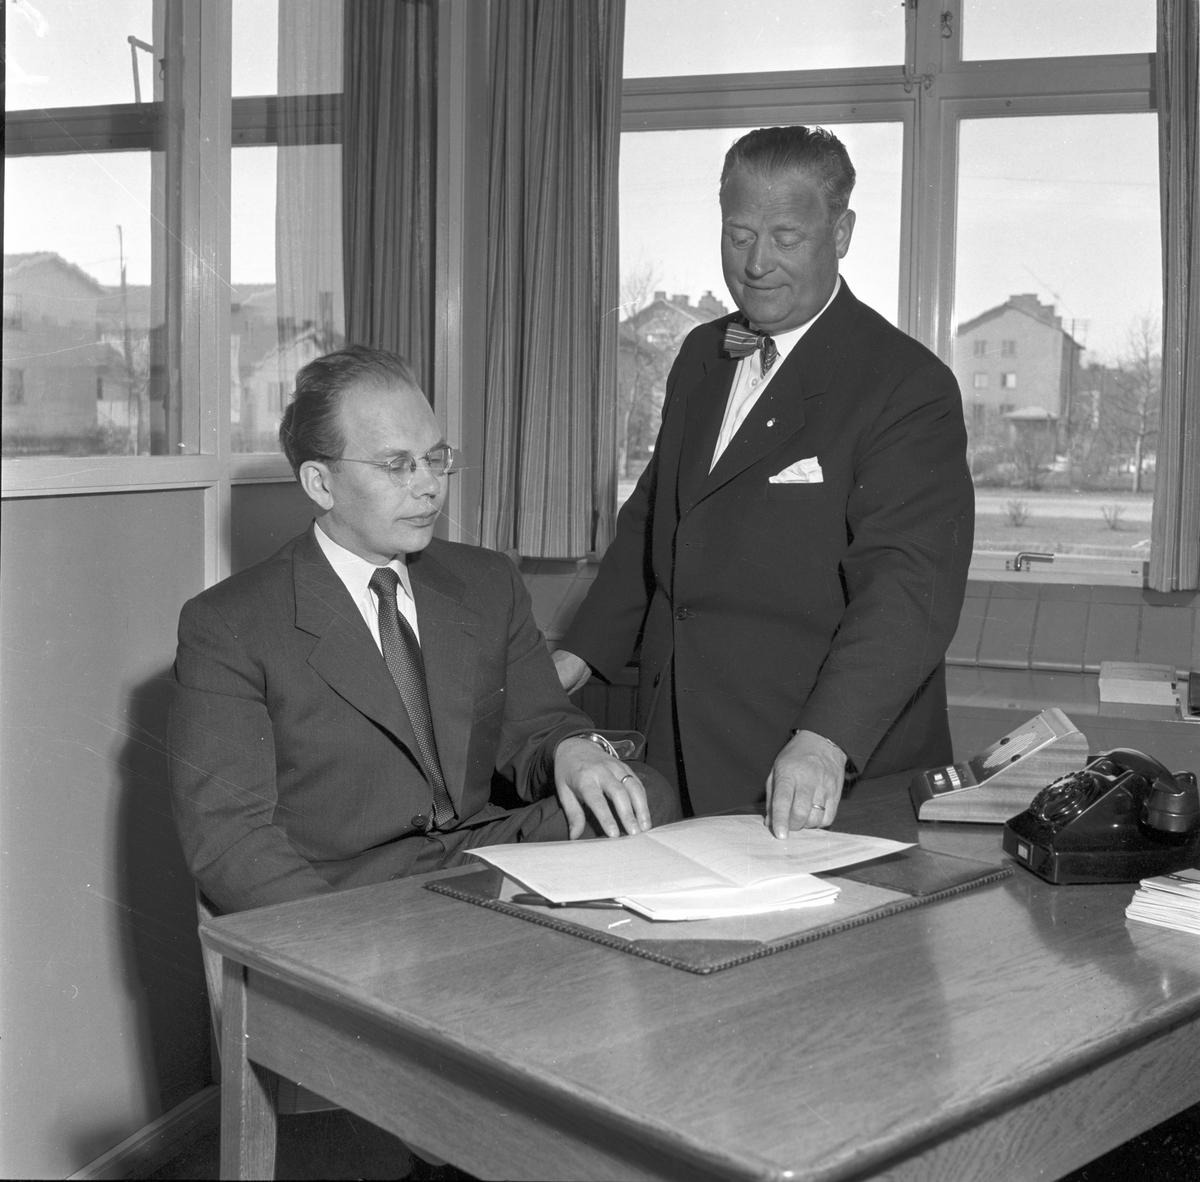 Reportage hos Bil & Buss. Direktör Birger Pettersson och kamrer Isberg. 24 april 1956. Skandia - Freja Försäkrings AB, Norra Skeppargatan 7, Gävle